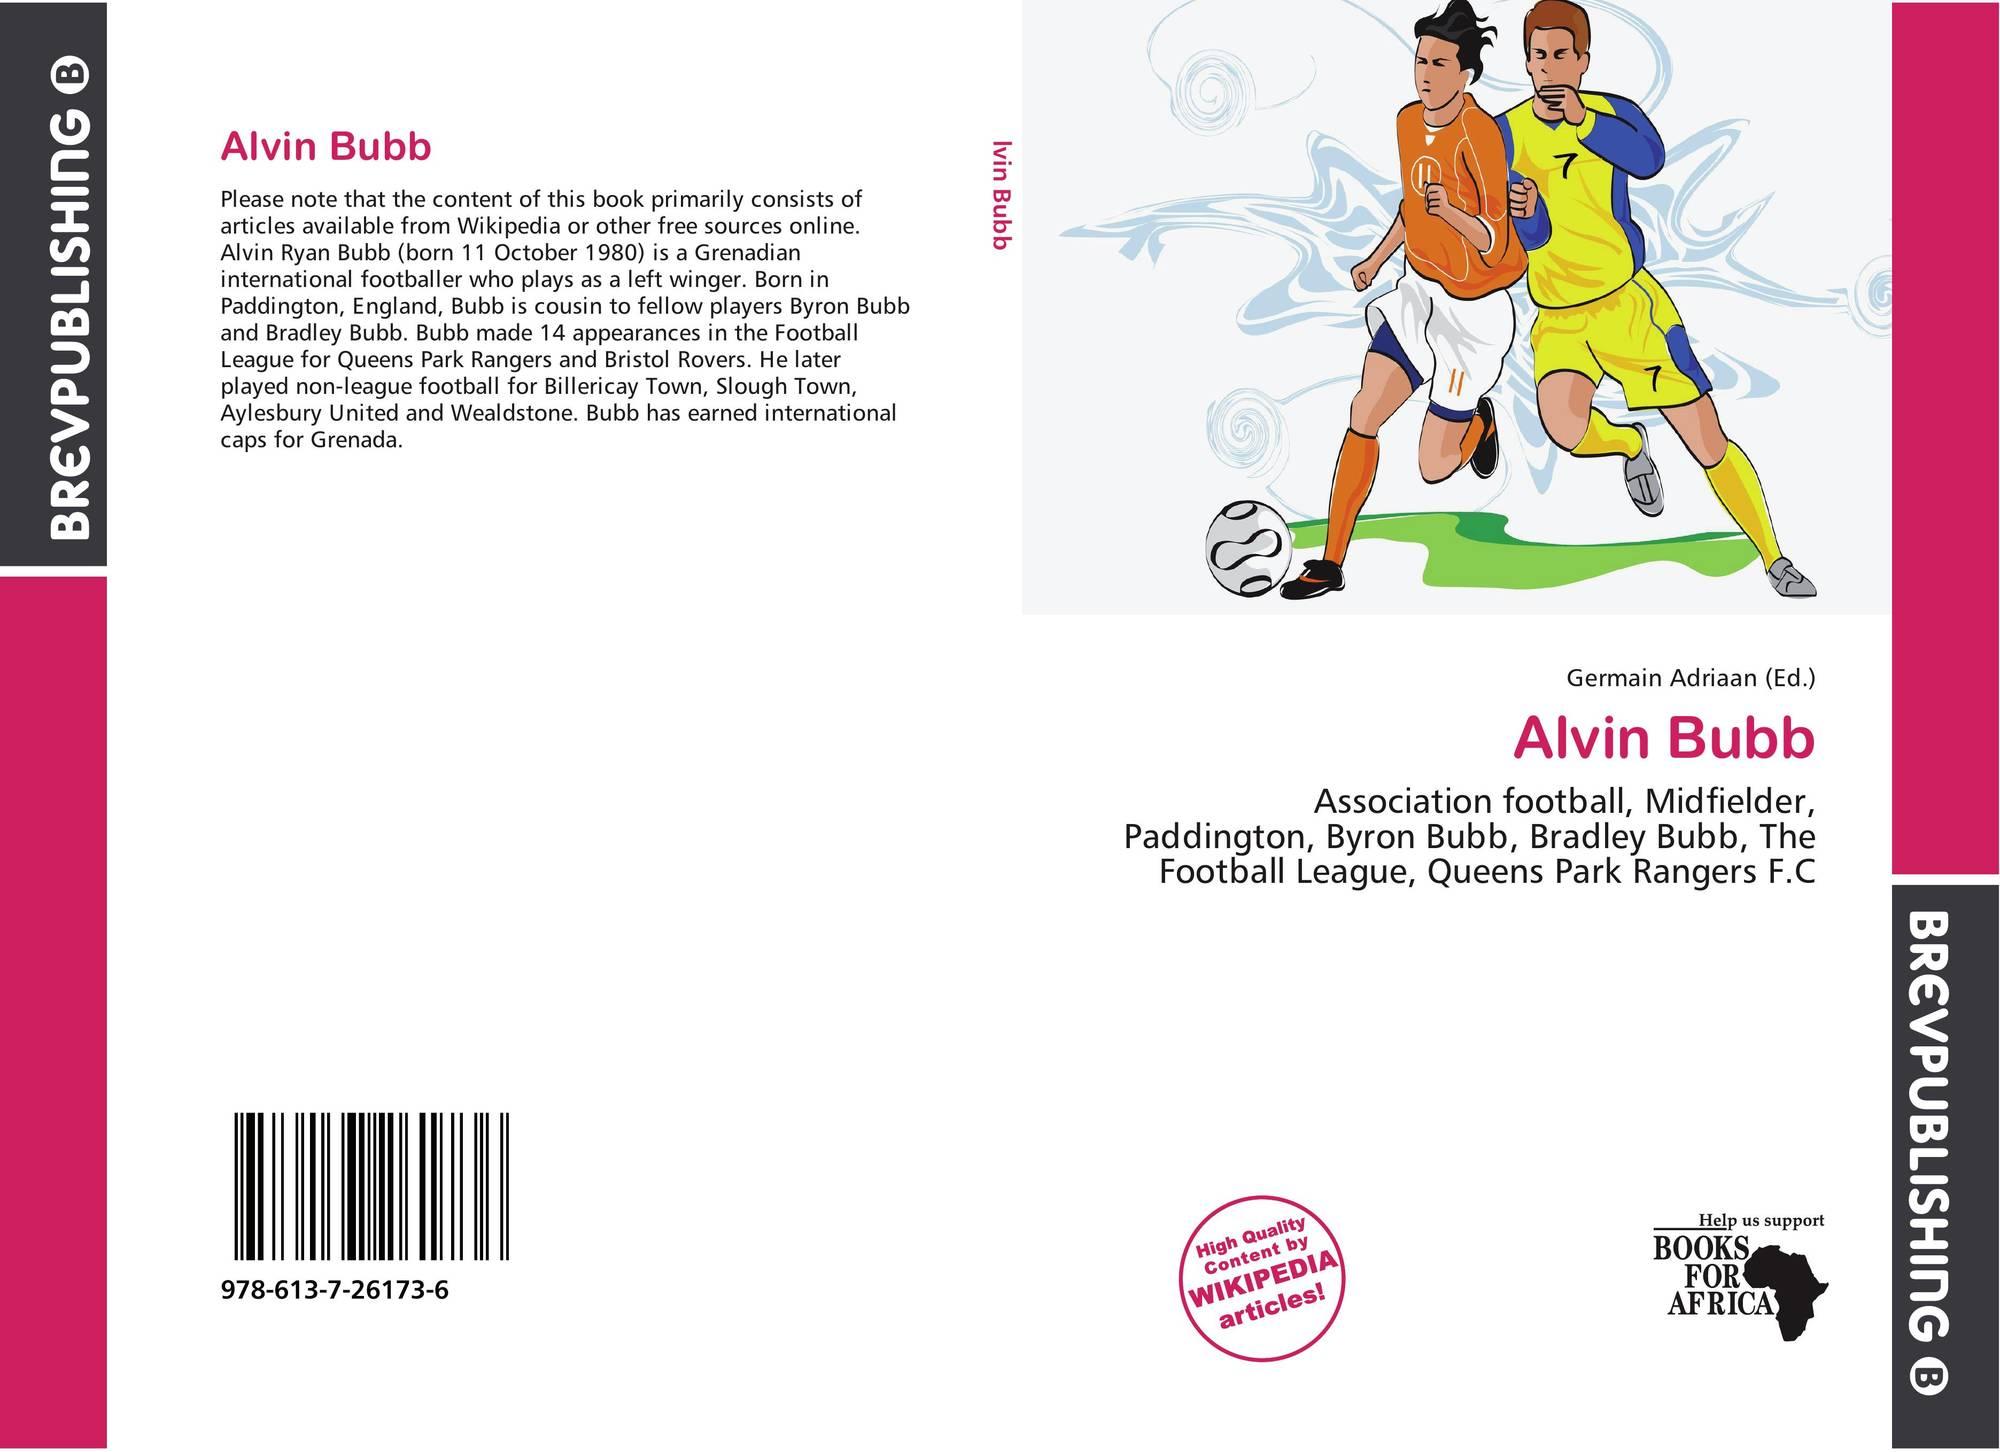 Alvin Bubb, 978-613-7-26173-6, 6137261735 ,9786137261736